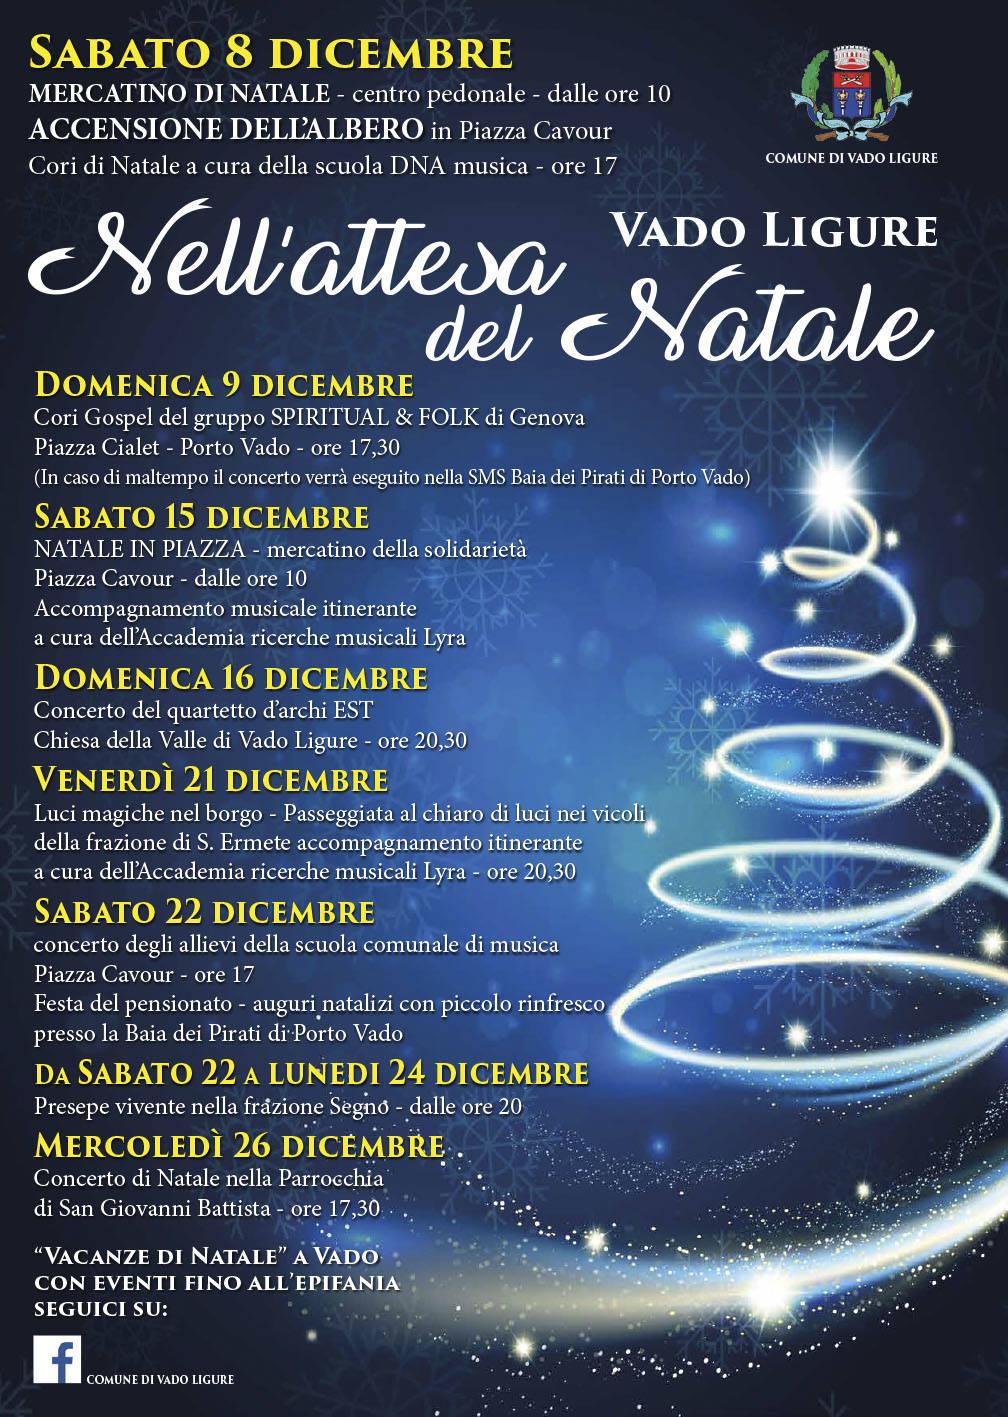 """""""Nell'attesa del Natale"""" Vado Ligure 2018"""